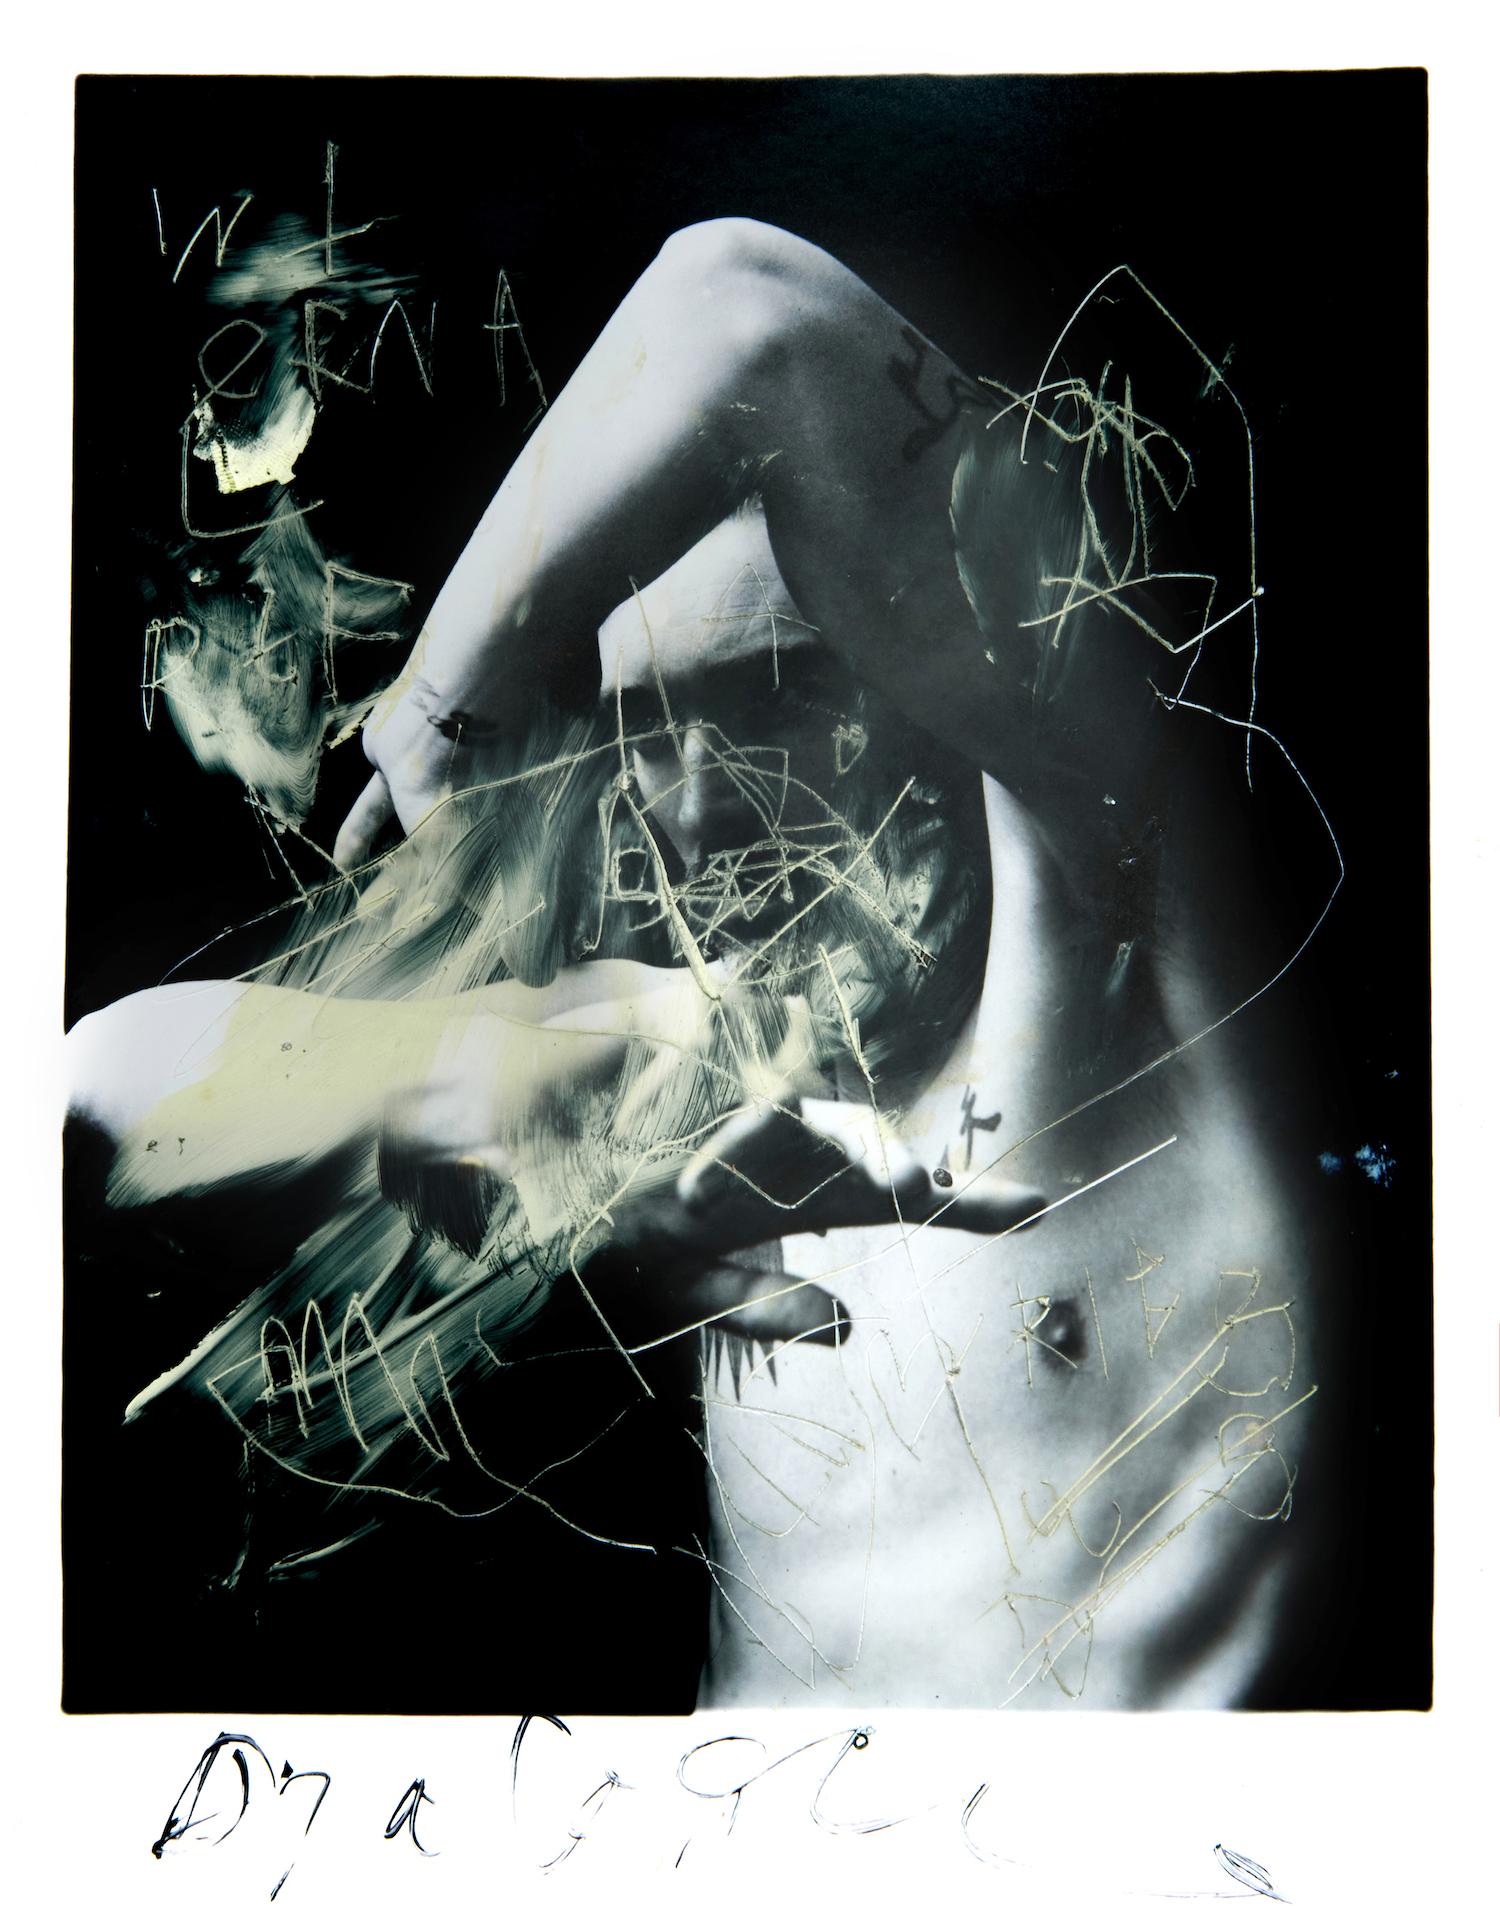 James Green Artist & Joe Quigg Photographer